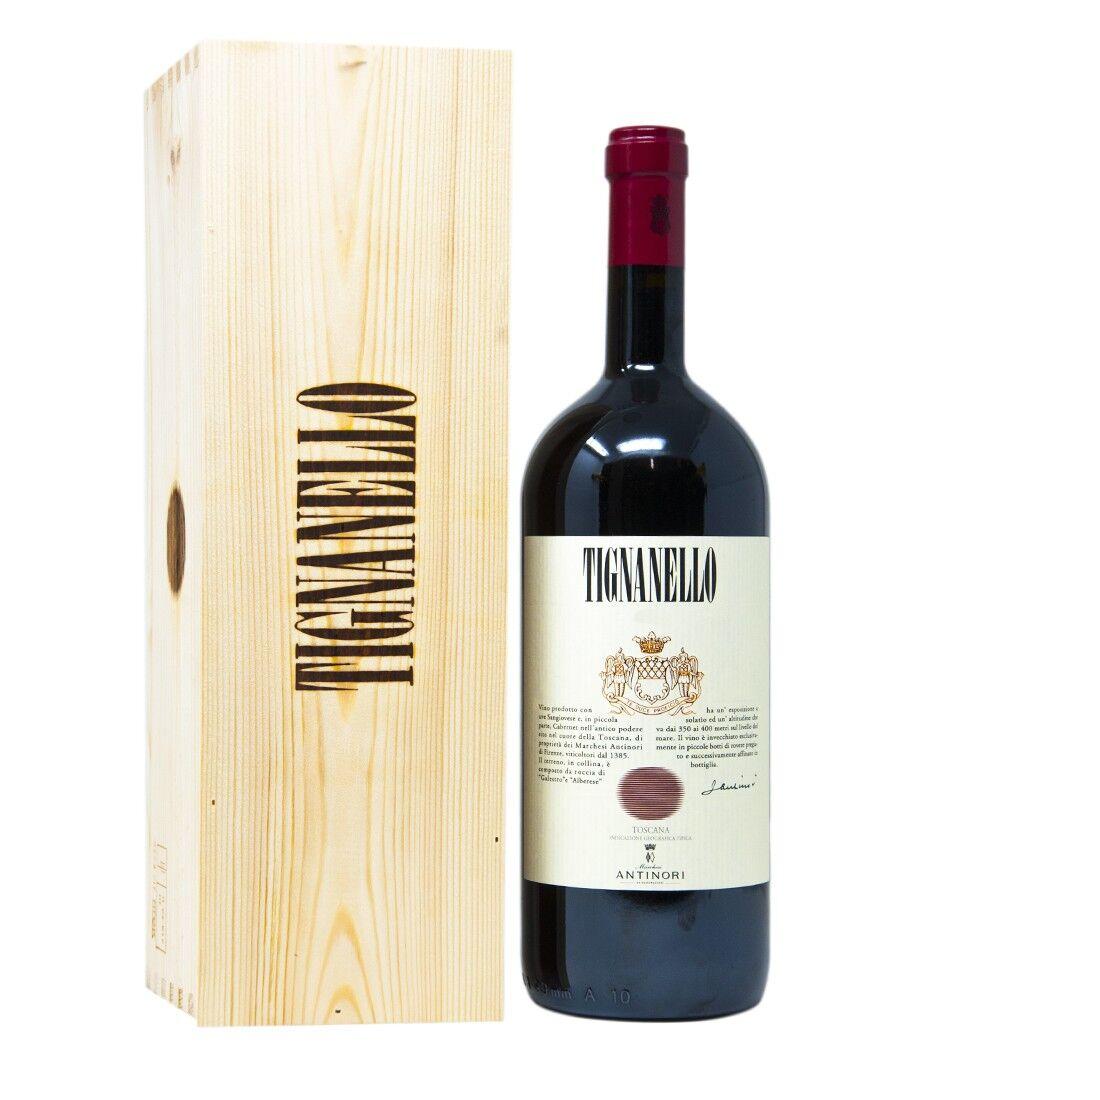 Antinori Tignanello Toscana Rosso IGT 2018 - [Magnum in legno]